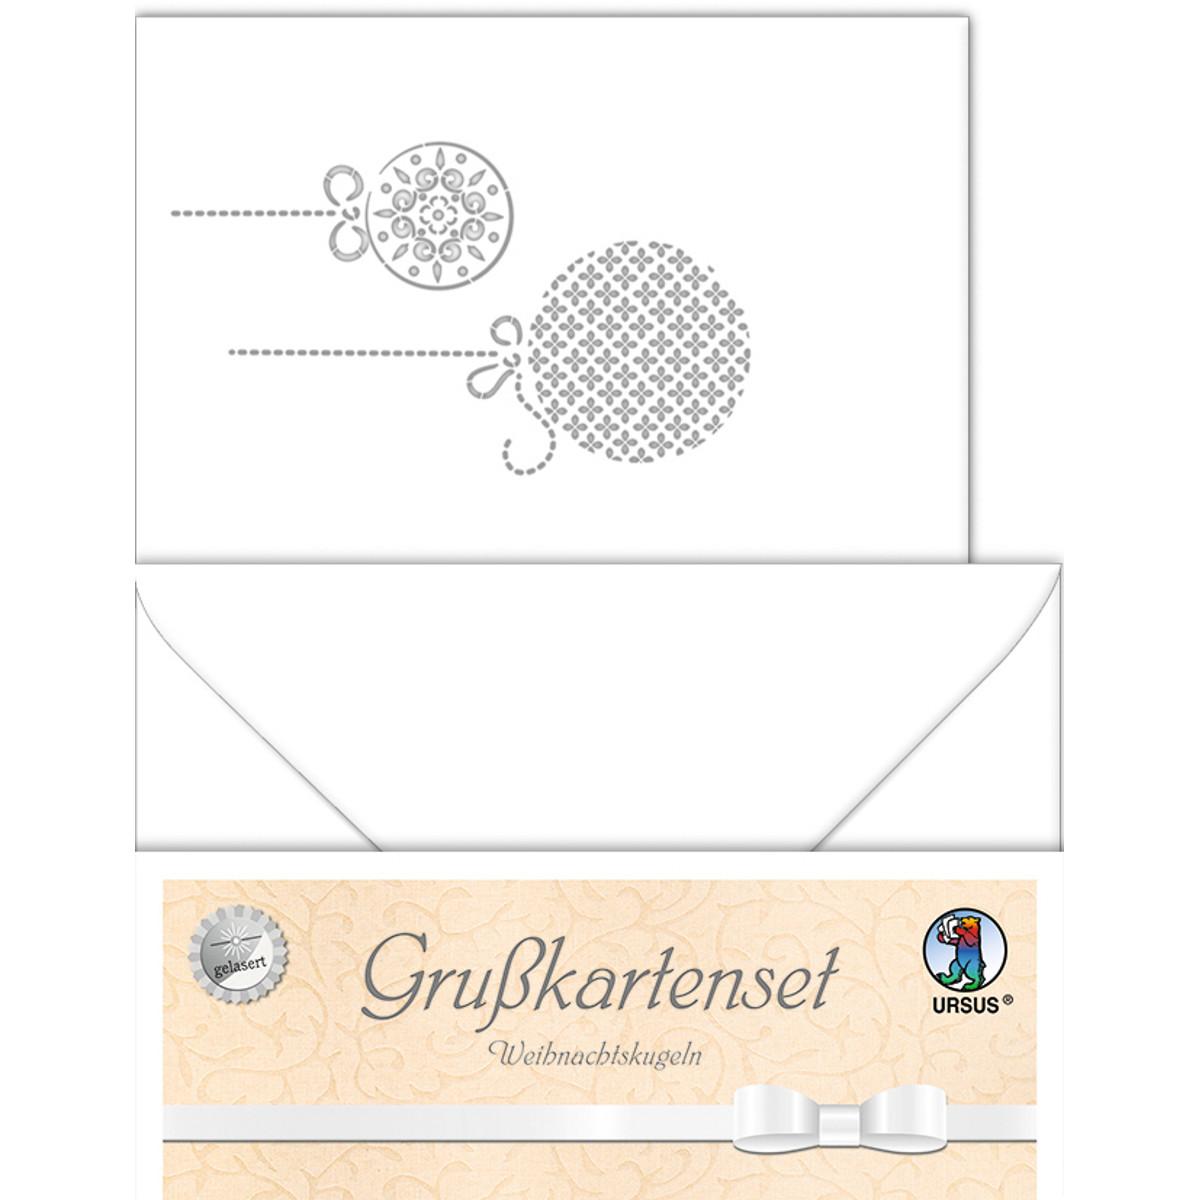 """Grußkarten """"gelasert"""" Weihnachtskugeln weiß - 5 Karten"""